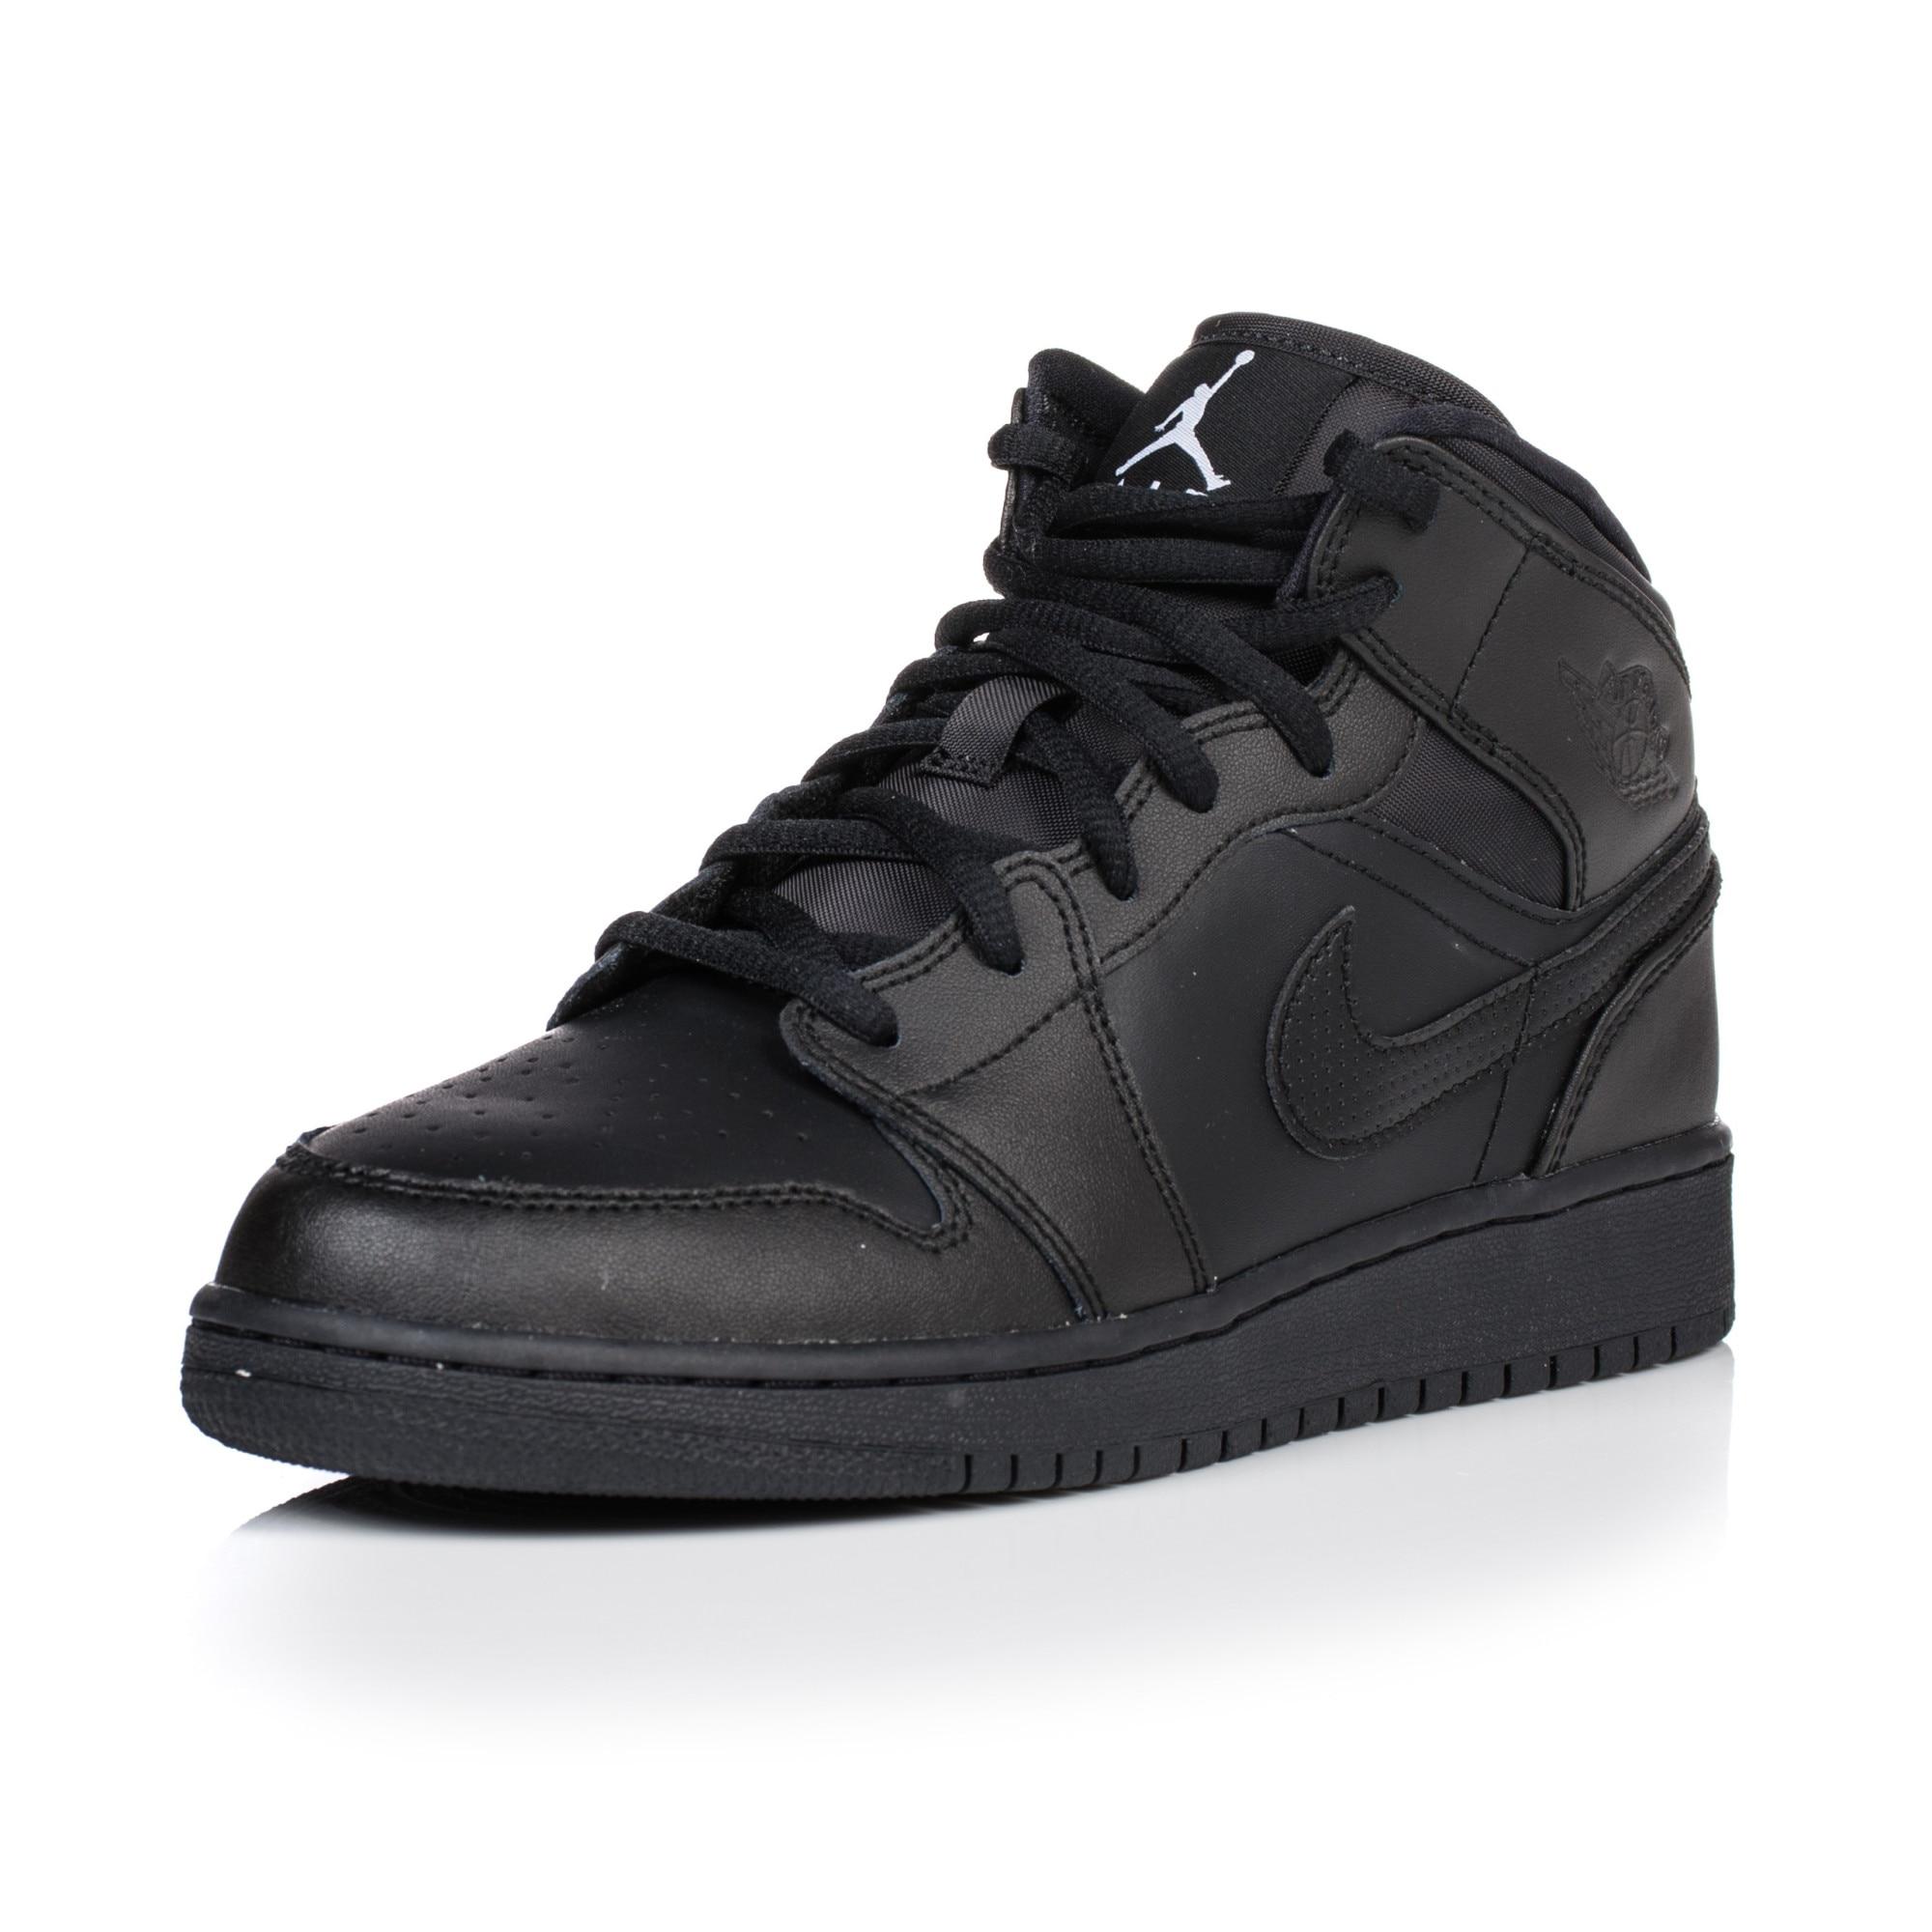 Buty Nike Air Jordan 1 Mid Bg 554725 044 35.5